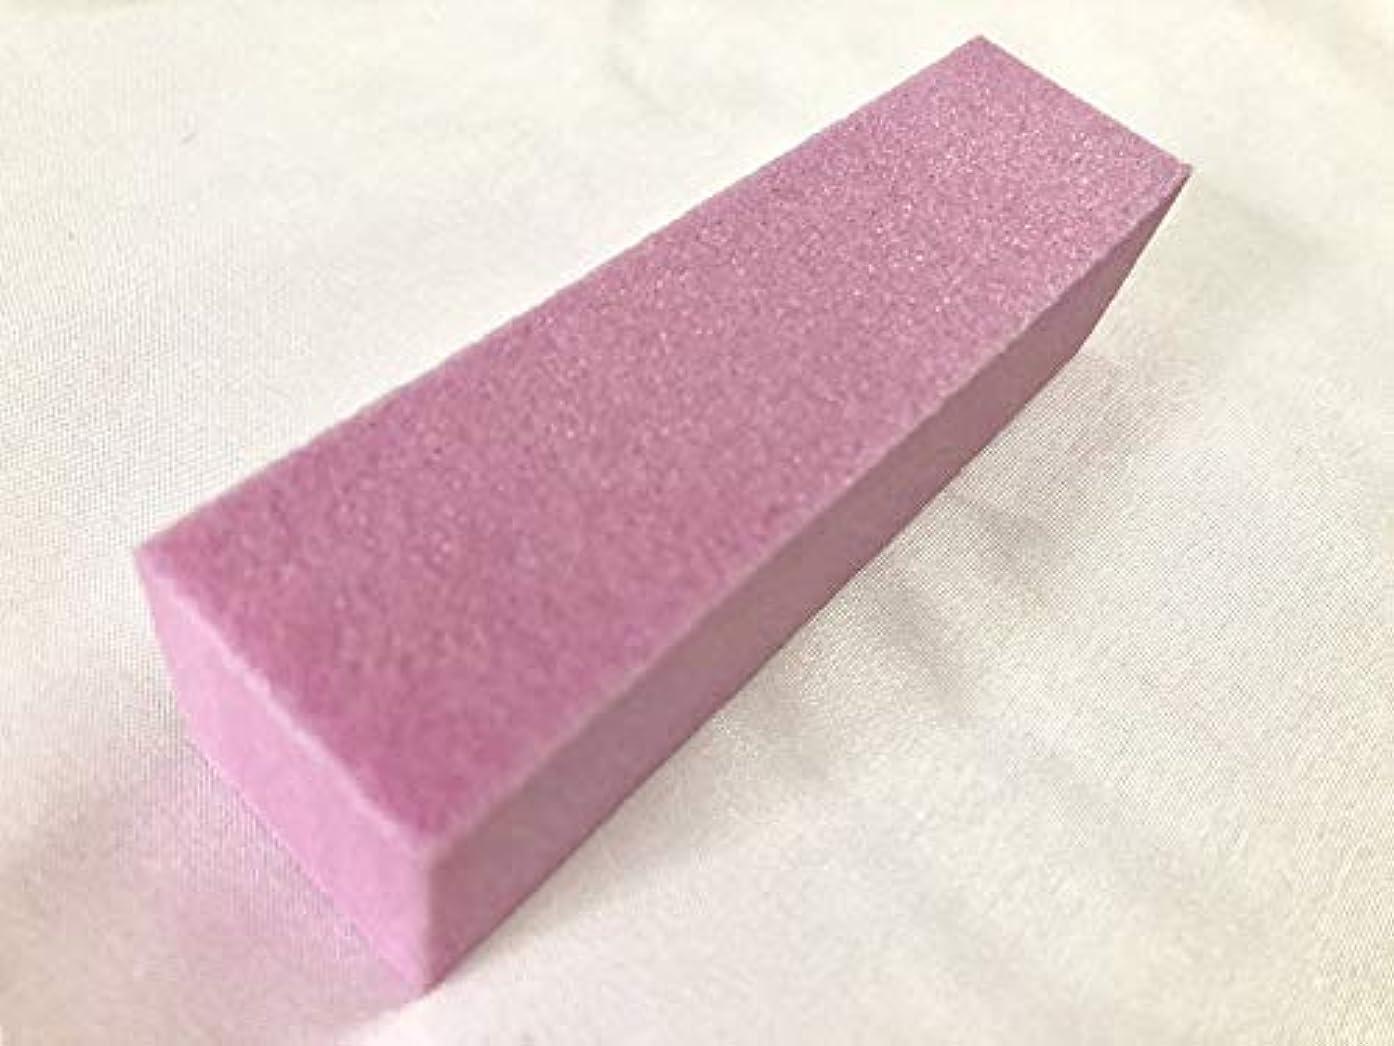 定義する不毛教育するスポンジ ネイル ファイル 4本セット マニュキュア ネイル ジェルネイル カラフルなスポンジやすりです 使用用途: ネイルファイル 角質とり 刃物のやすり